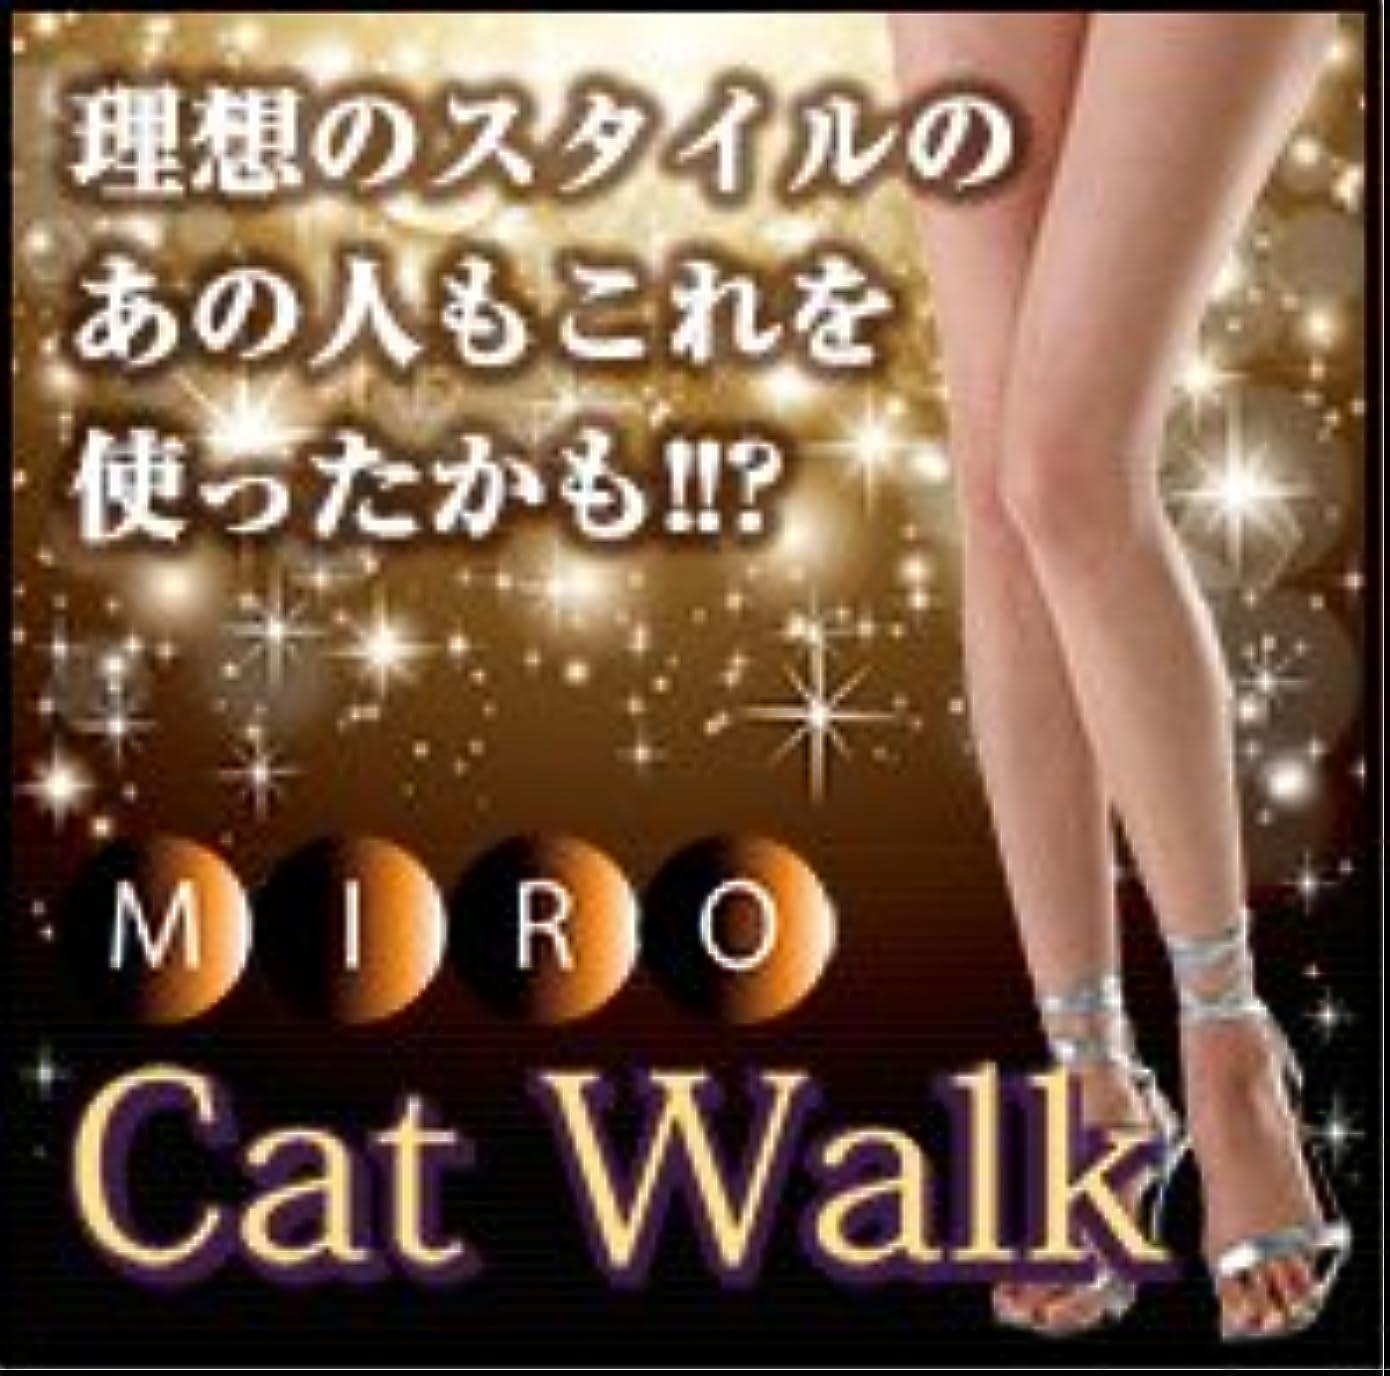 移動群集荒らすMIRO CAT Walk(ミロ キャットウォーク)/理想のスタイルのあの人もこれを使ったかも!?【CC】